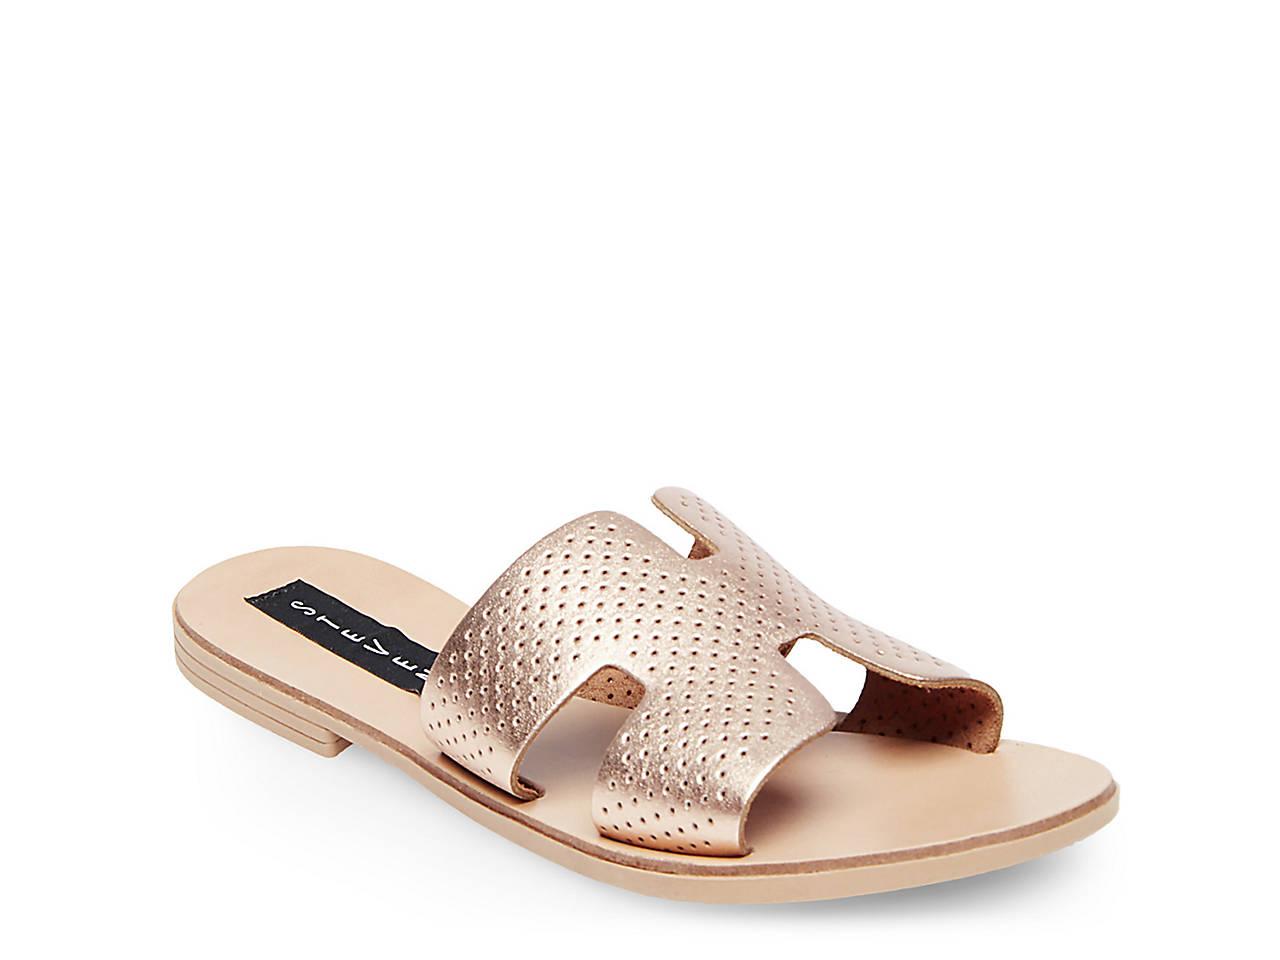 1ec55c9b6c1 Grady Sandal